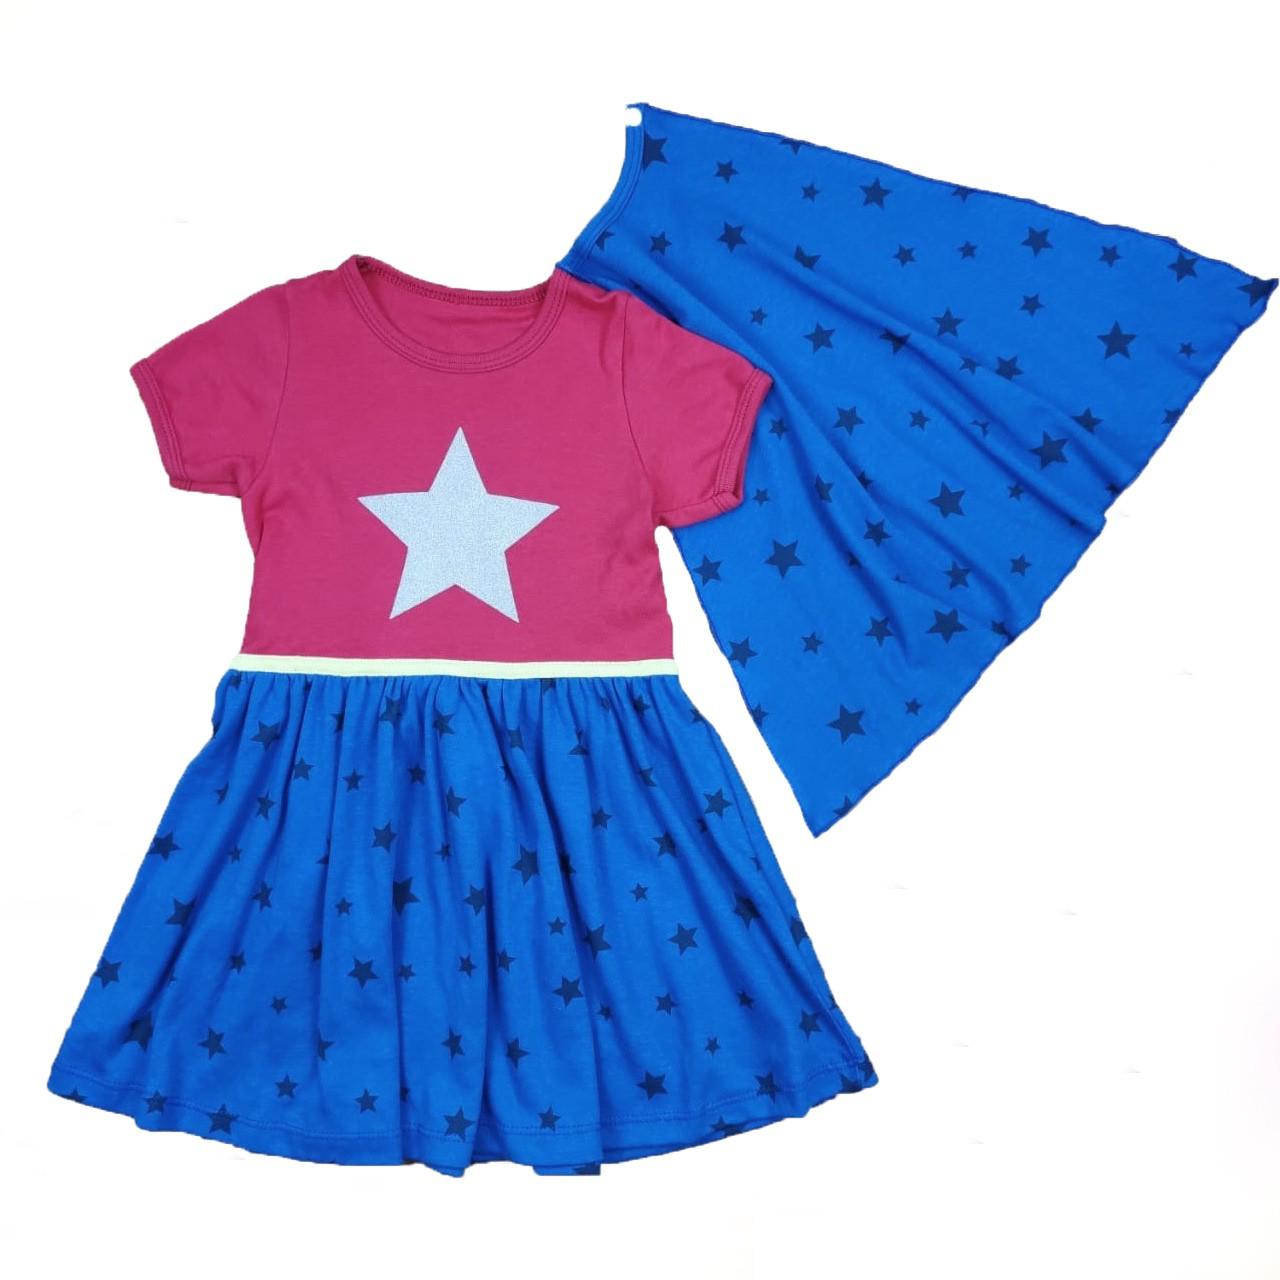 Conjunto Vestido Infantil Maravilha com Capa Fantasia